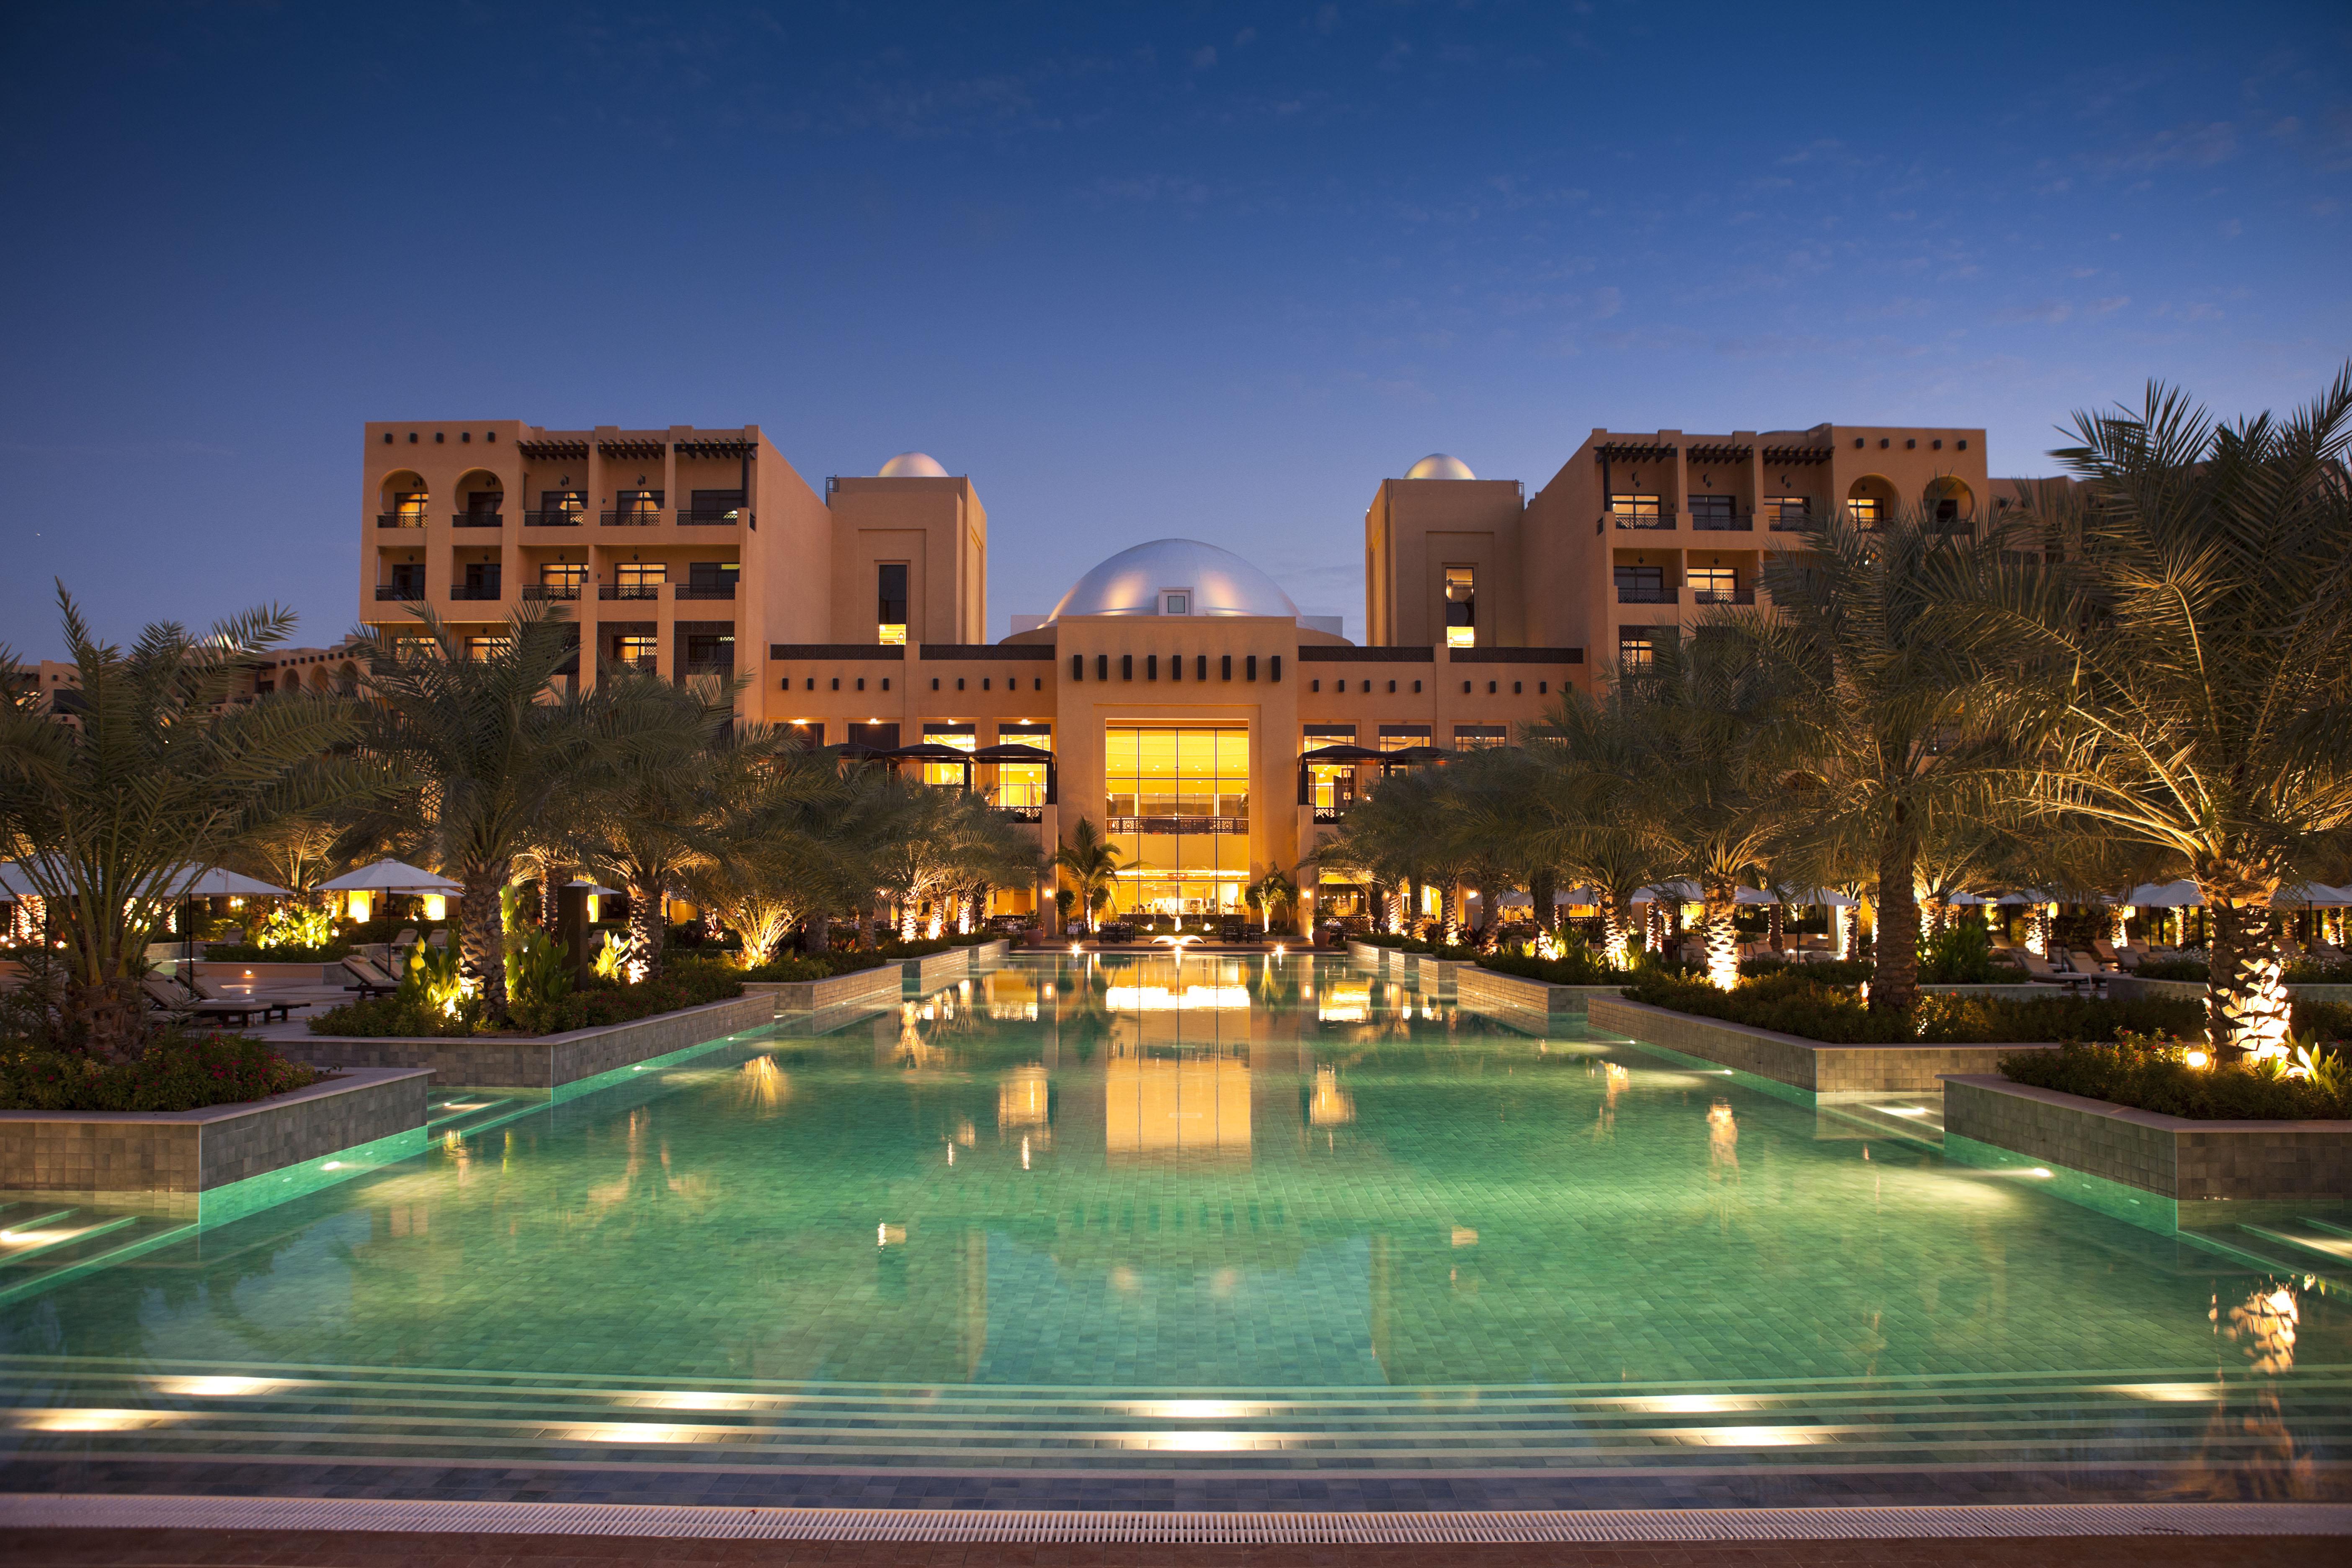 Ras Al Khaimah Hotel Hilton